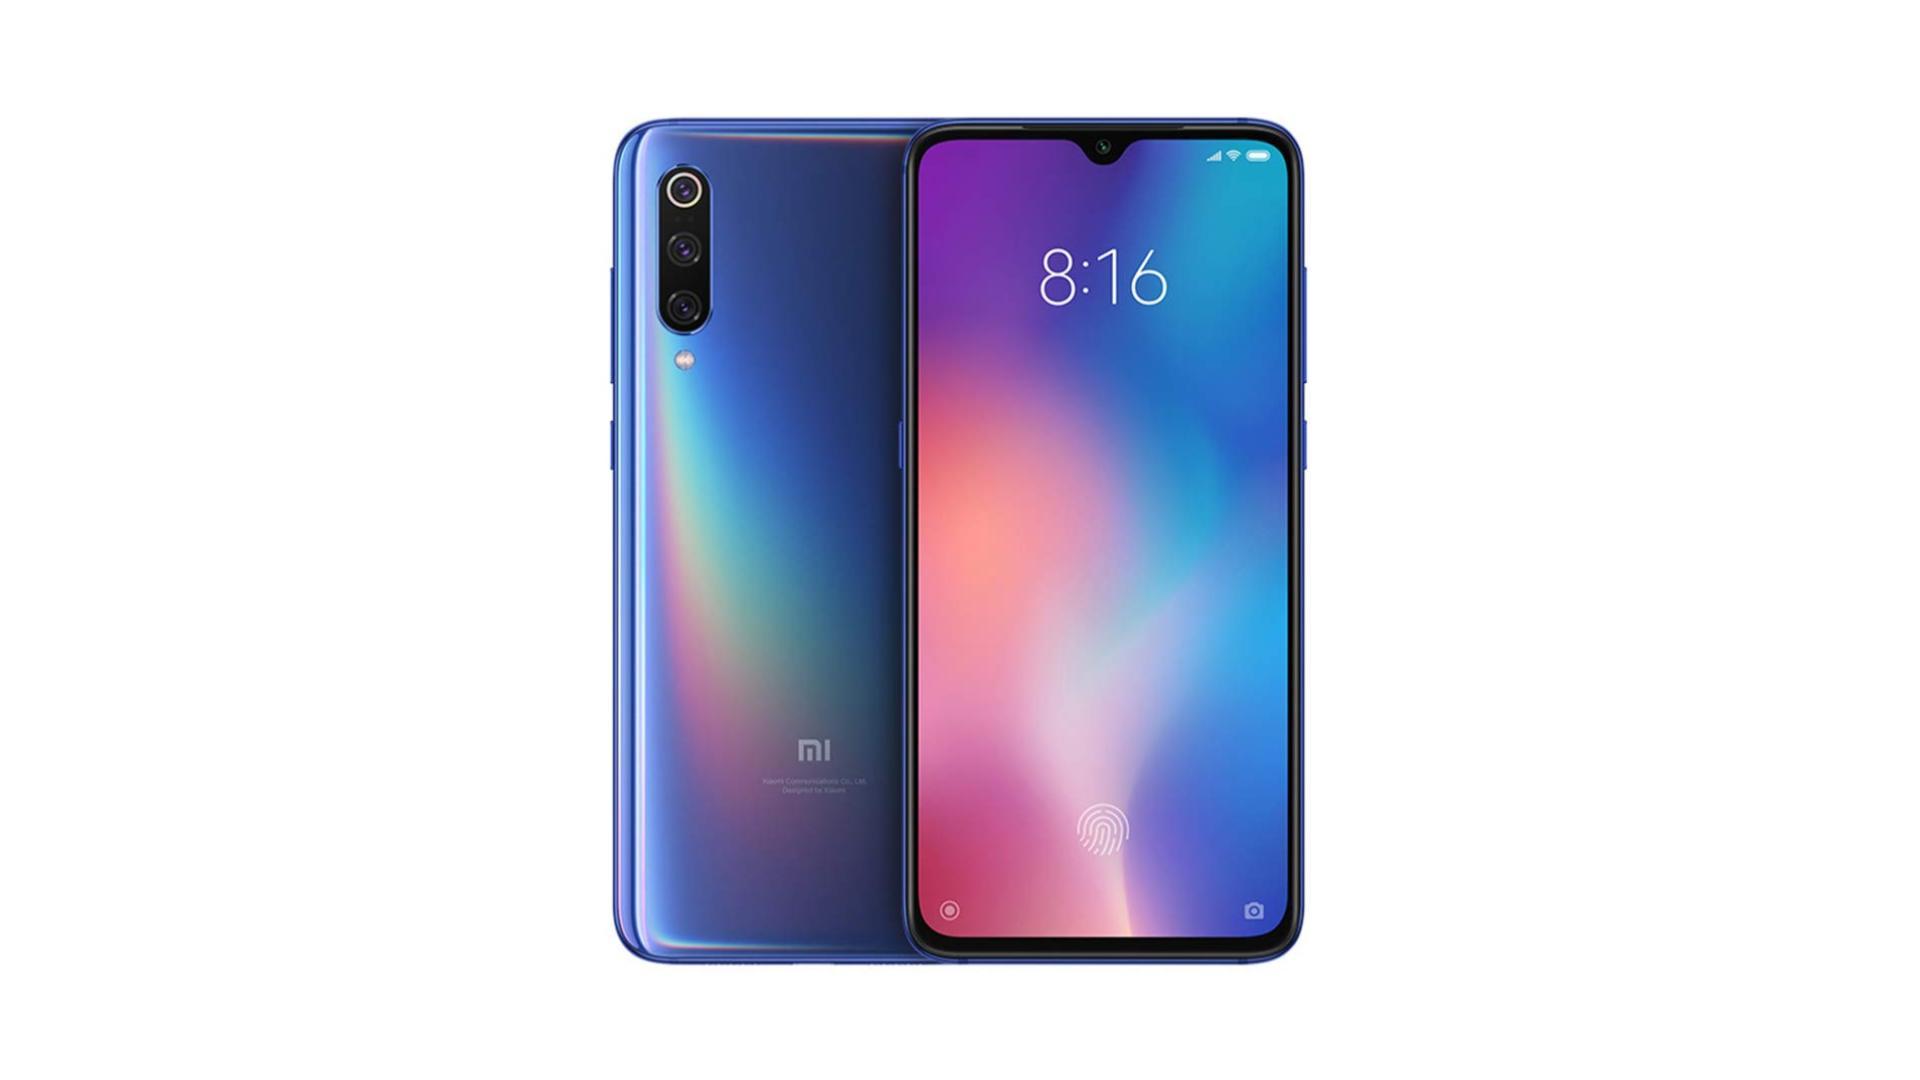 🔥 Bon plan : le Xiaomi Mi 9 (Snapdragon 855) est à 396 euros sur Amazon